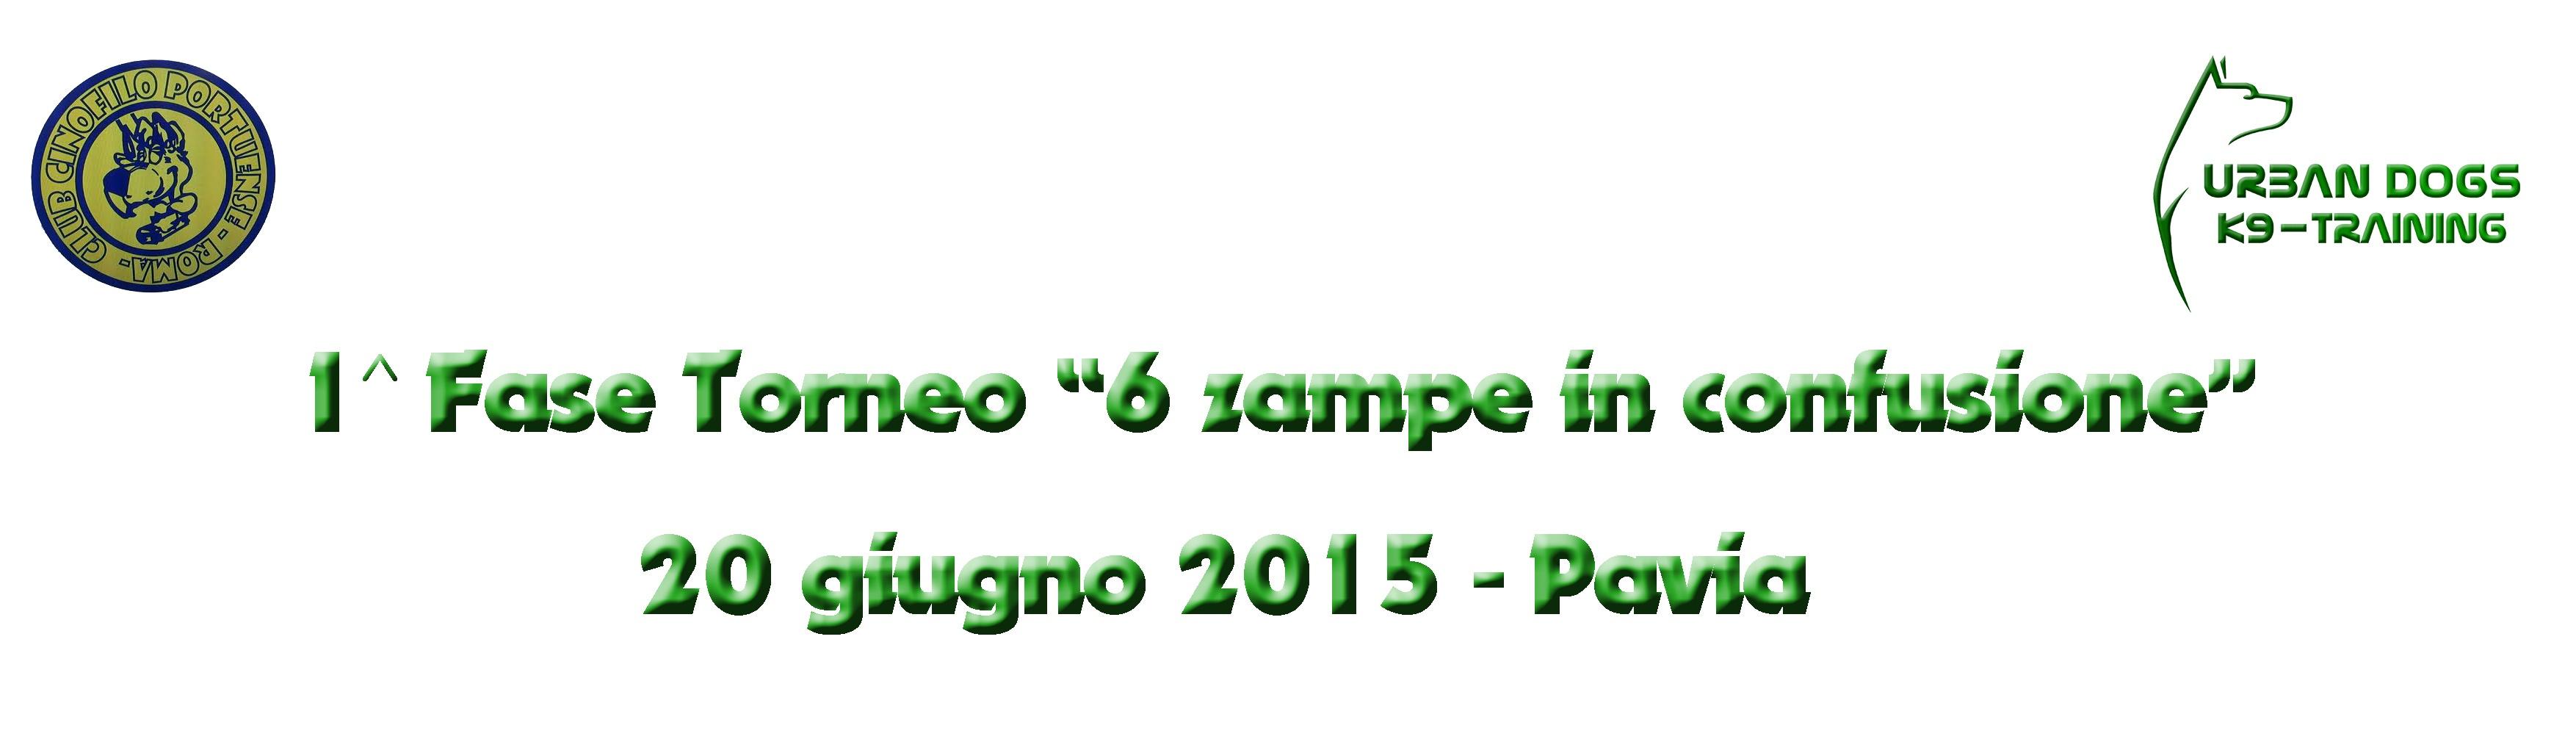 """Garetta Sociale Urban Dogs-Club Cinofilo Portuense """"6 zampe in confusione"""""""